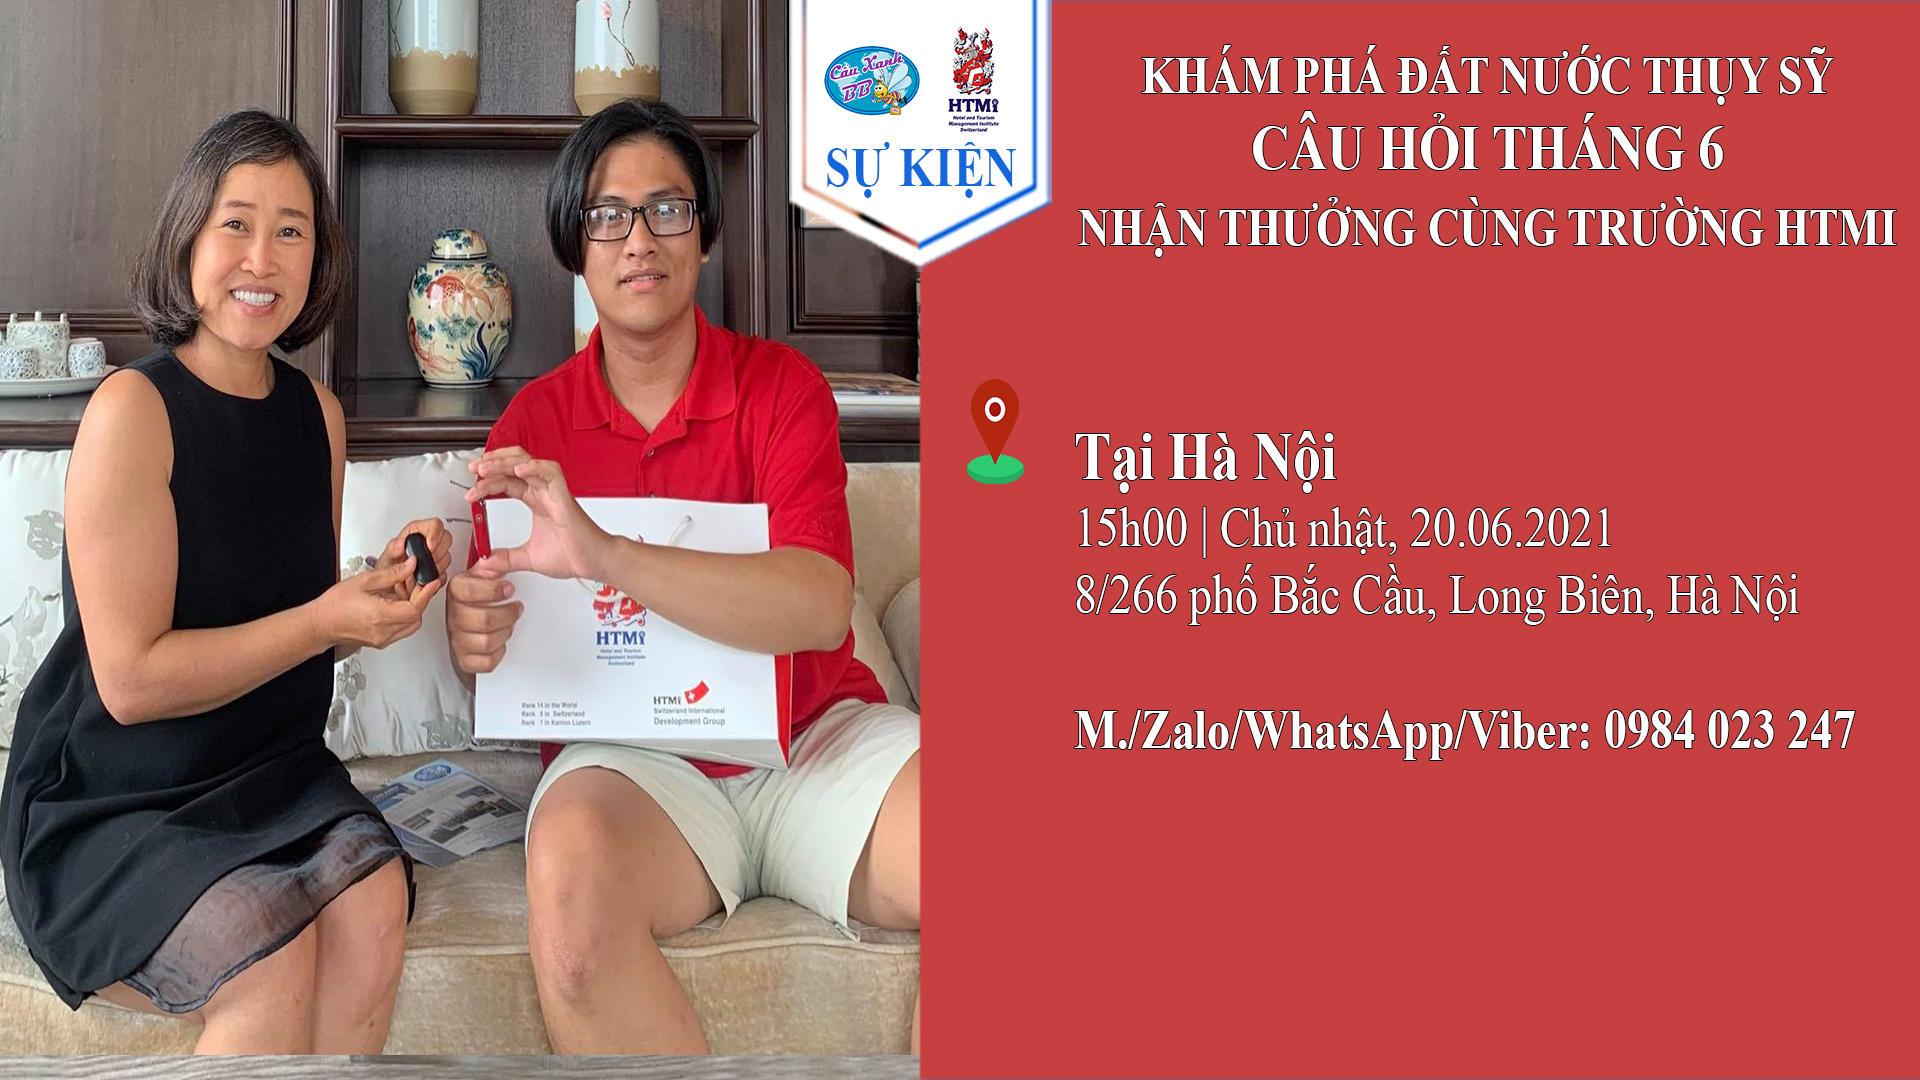 Khám phá đất nước Thuỵ Sỹ, câu hỏi tháng 6 nhận thưởng cùng trường HTMi